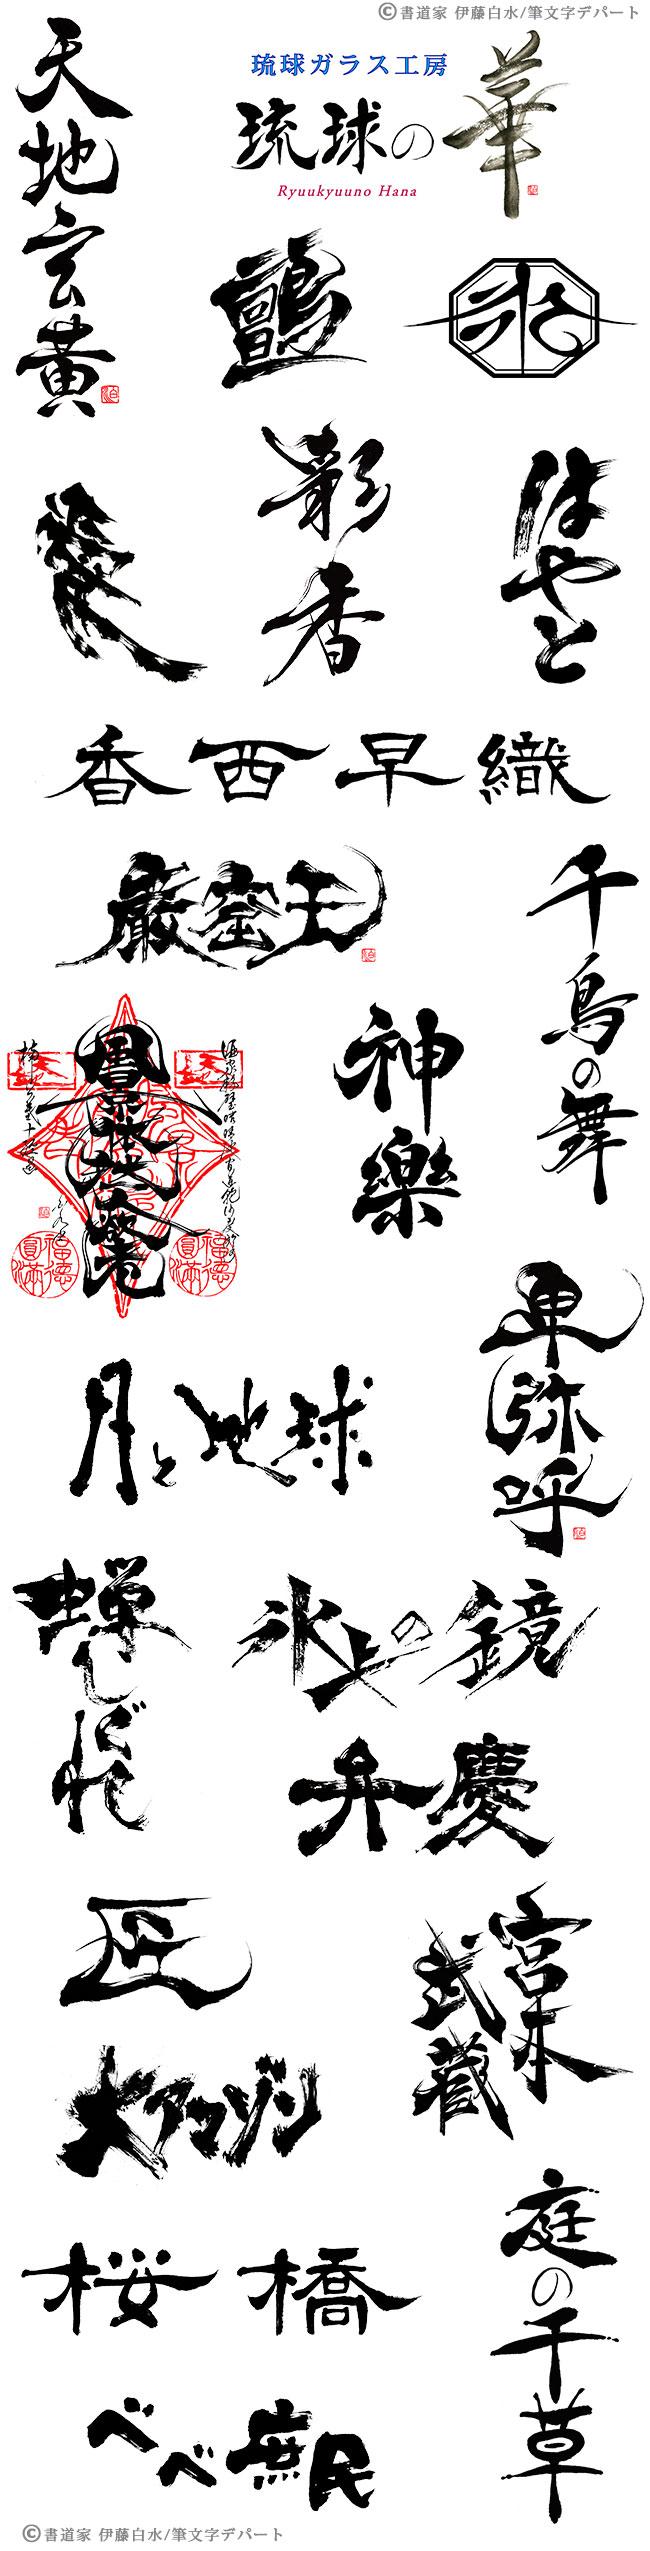 書家/書道家 伊藤白水による多種多様の筆文字デザイン制作例一覧